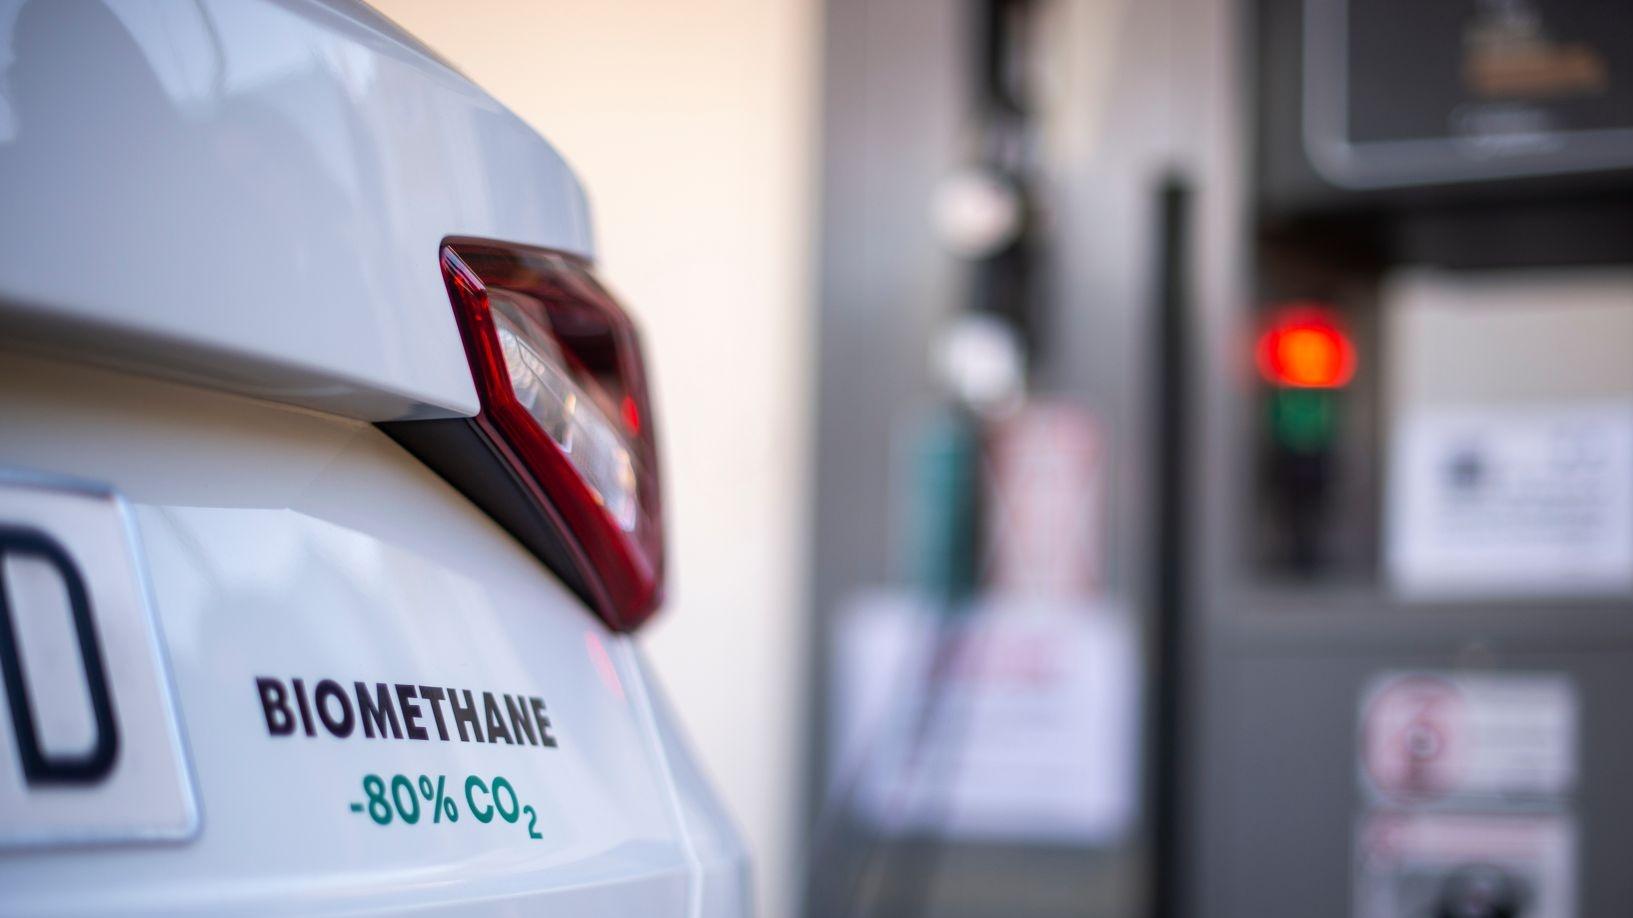 Uus projekt Euroopas: biometaani tootmine otse prügilatest